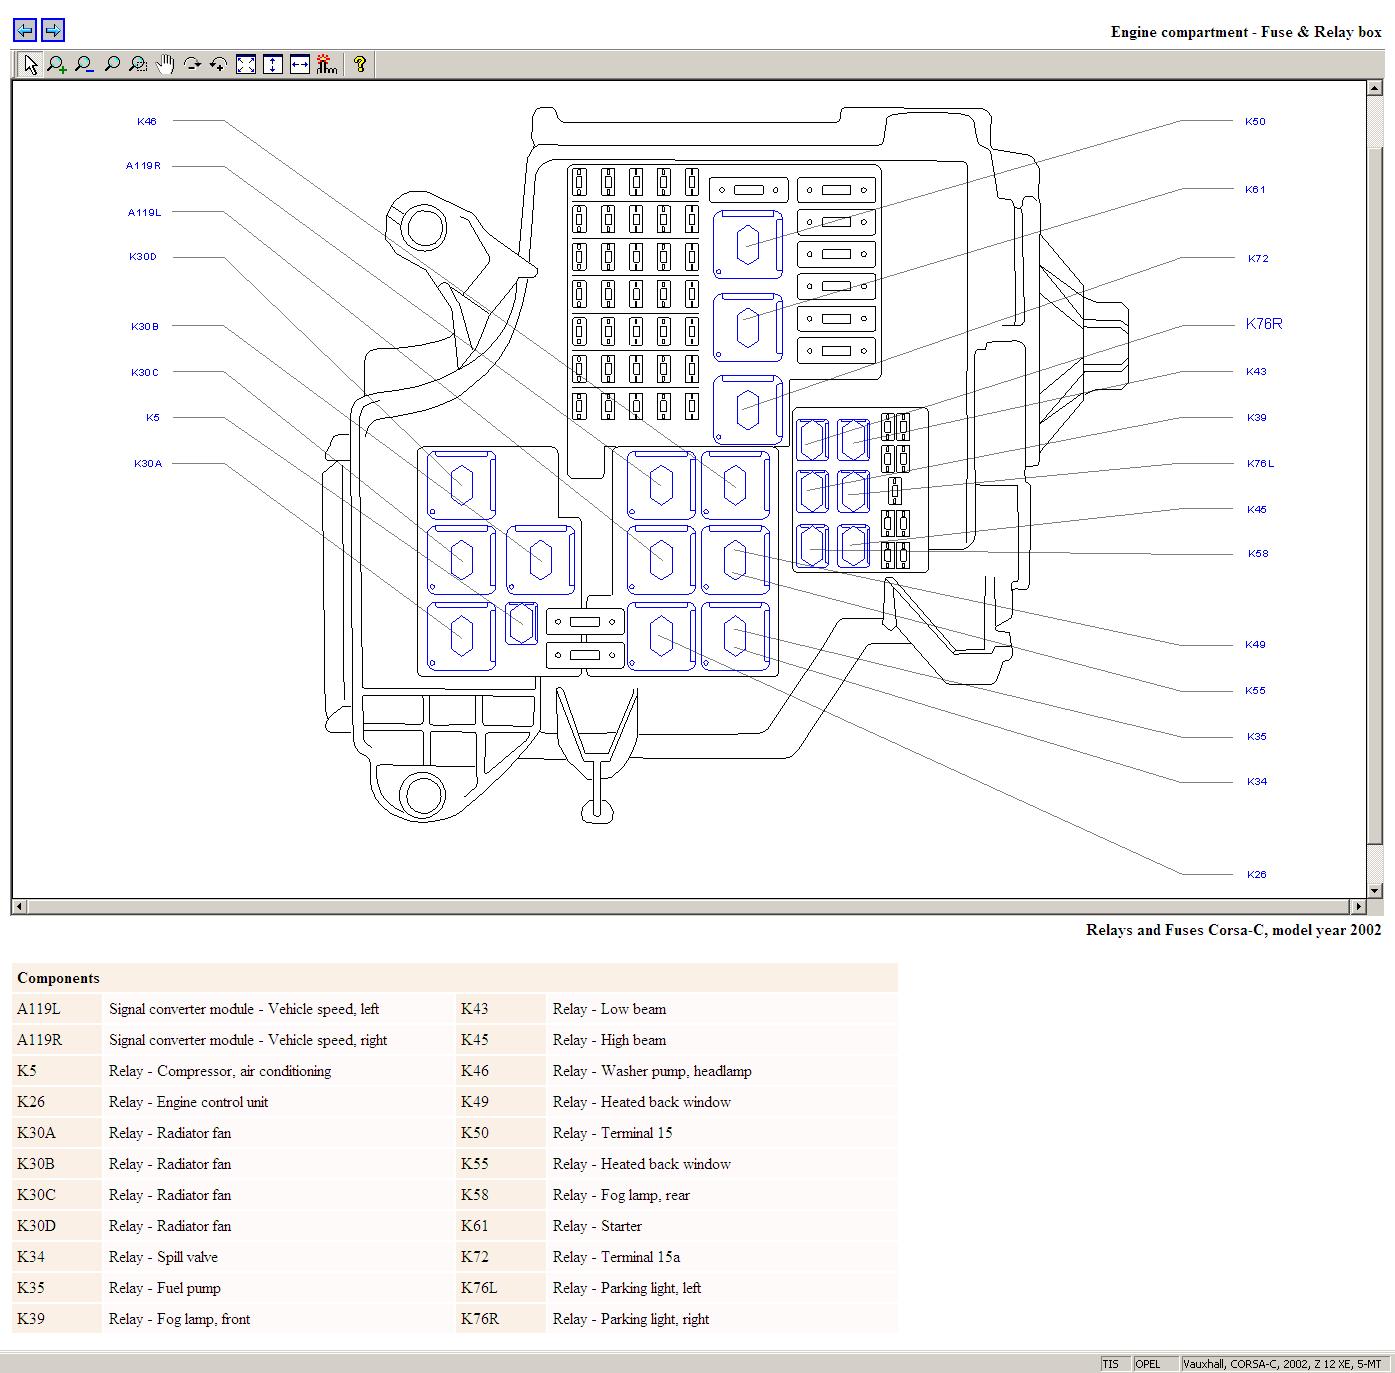 E4od Wiring Diagram. Gandul. 45.77.79.119 on fmx wiring diagram, 5r110 wiring diagram, 4r55e wiring diagram, 5r55w wiring diagram, 4r70w wiring diagram, atx wiring diagram, fnr5 wiring diagram, 4r100 wiring diagram, aod wiring diagram, 5r110w wiring diagram, aode wiring diagram, 4f27e wiring diagram, c6 wiring diagram, c5 wiring diagram, c4 wiring diagram, 5r55e wiring diagram, c3 wiring diagram, a4ld wiring diagram, ax4n wiring diagram, cd4e wiring diagram,